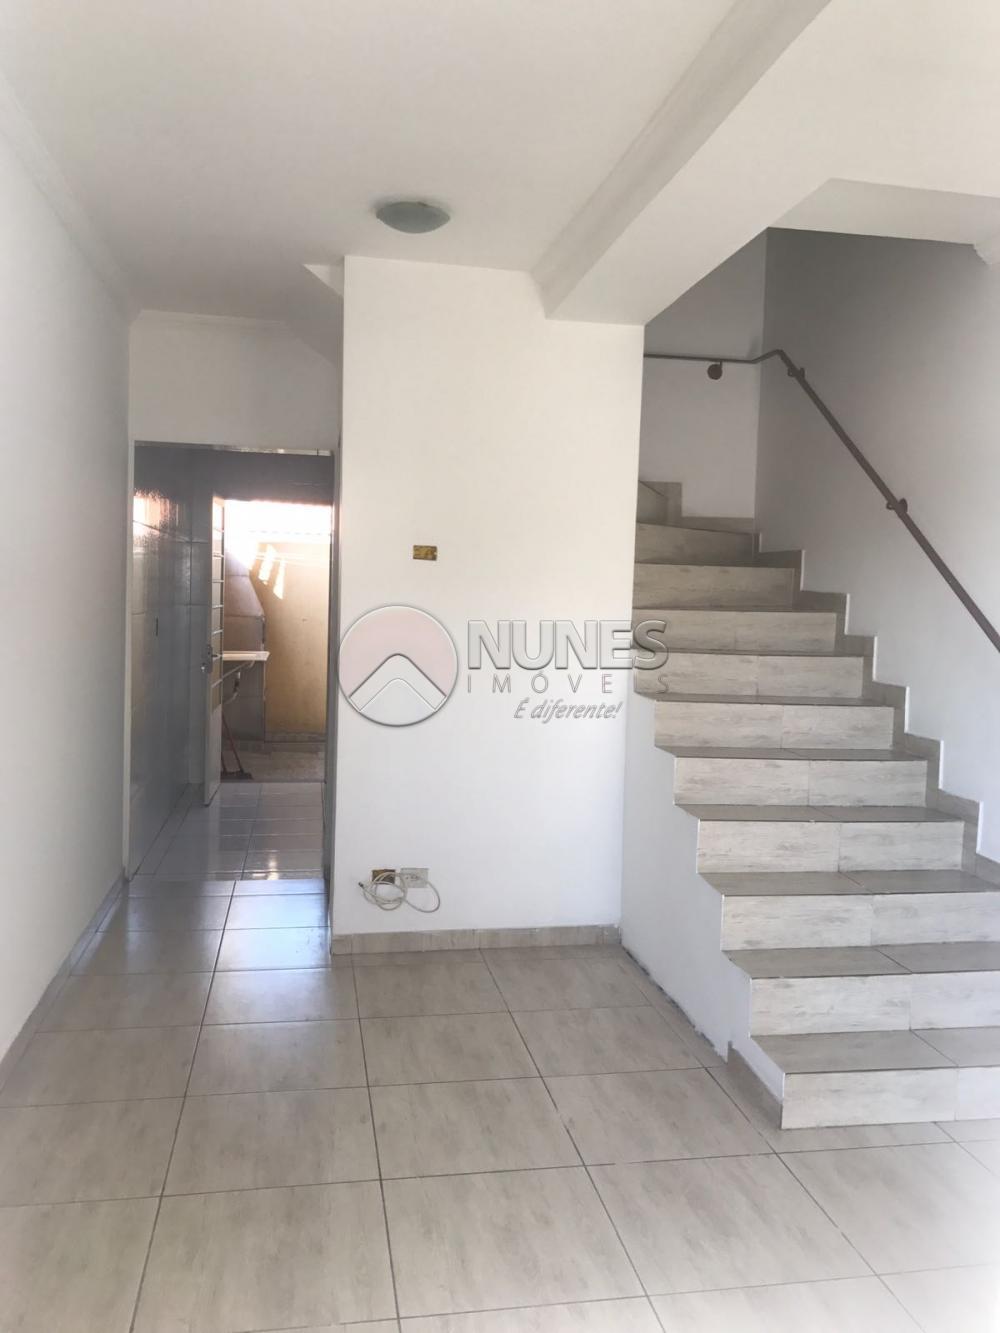 Comprar Casa / Sobrado em Condominio em Barueri apenas R$ 290.000,00 - Foto 1